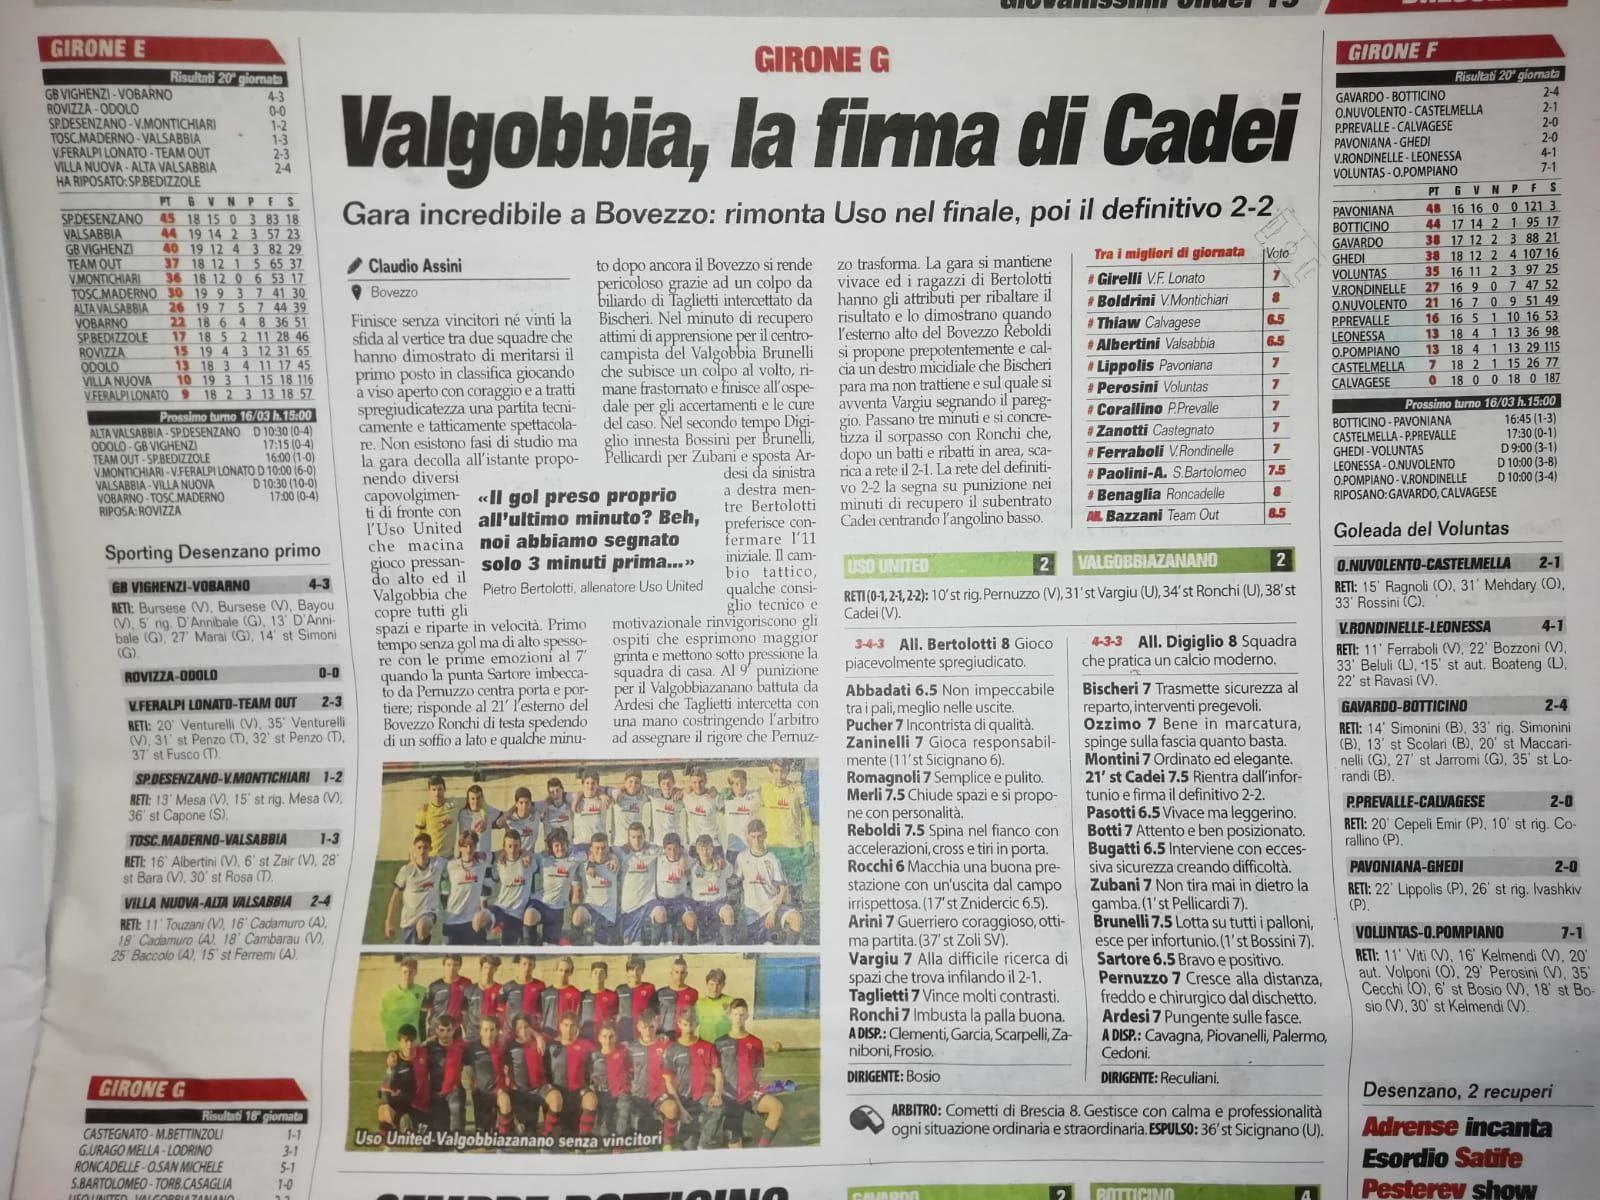 Campionato Giovanissimi Under 15: Commento Della Partita Di Mister Roberto Di Giglio